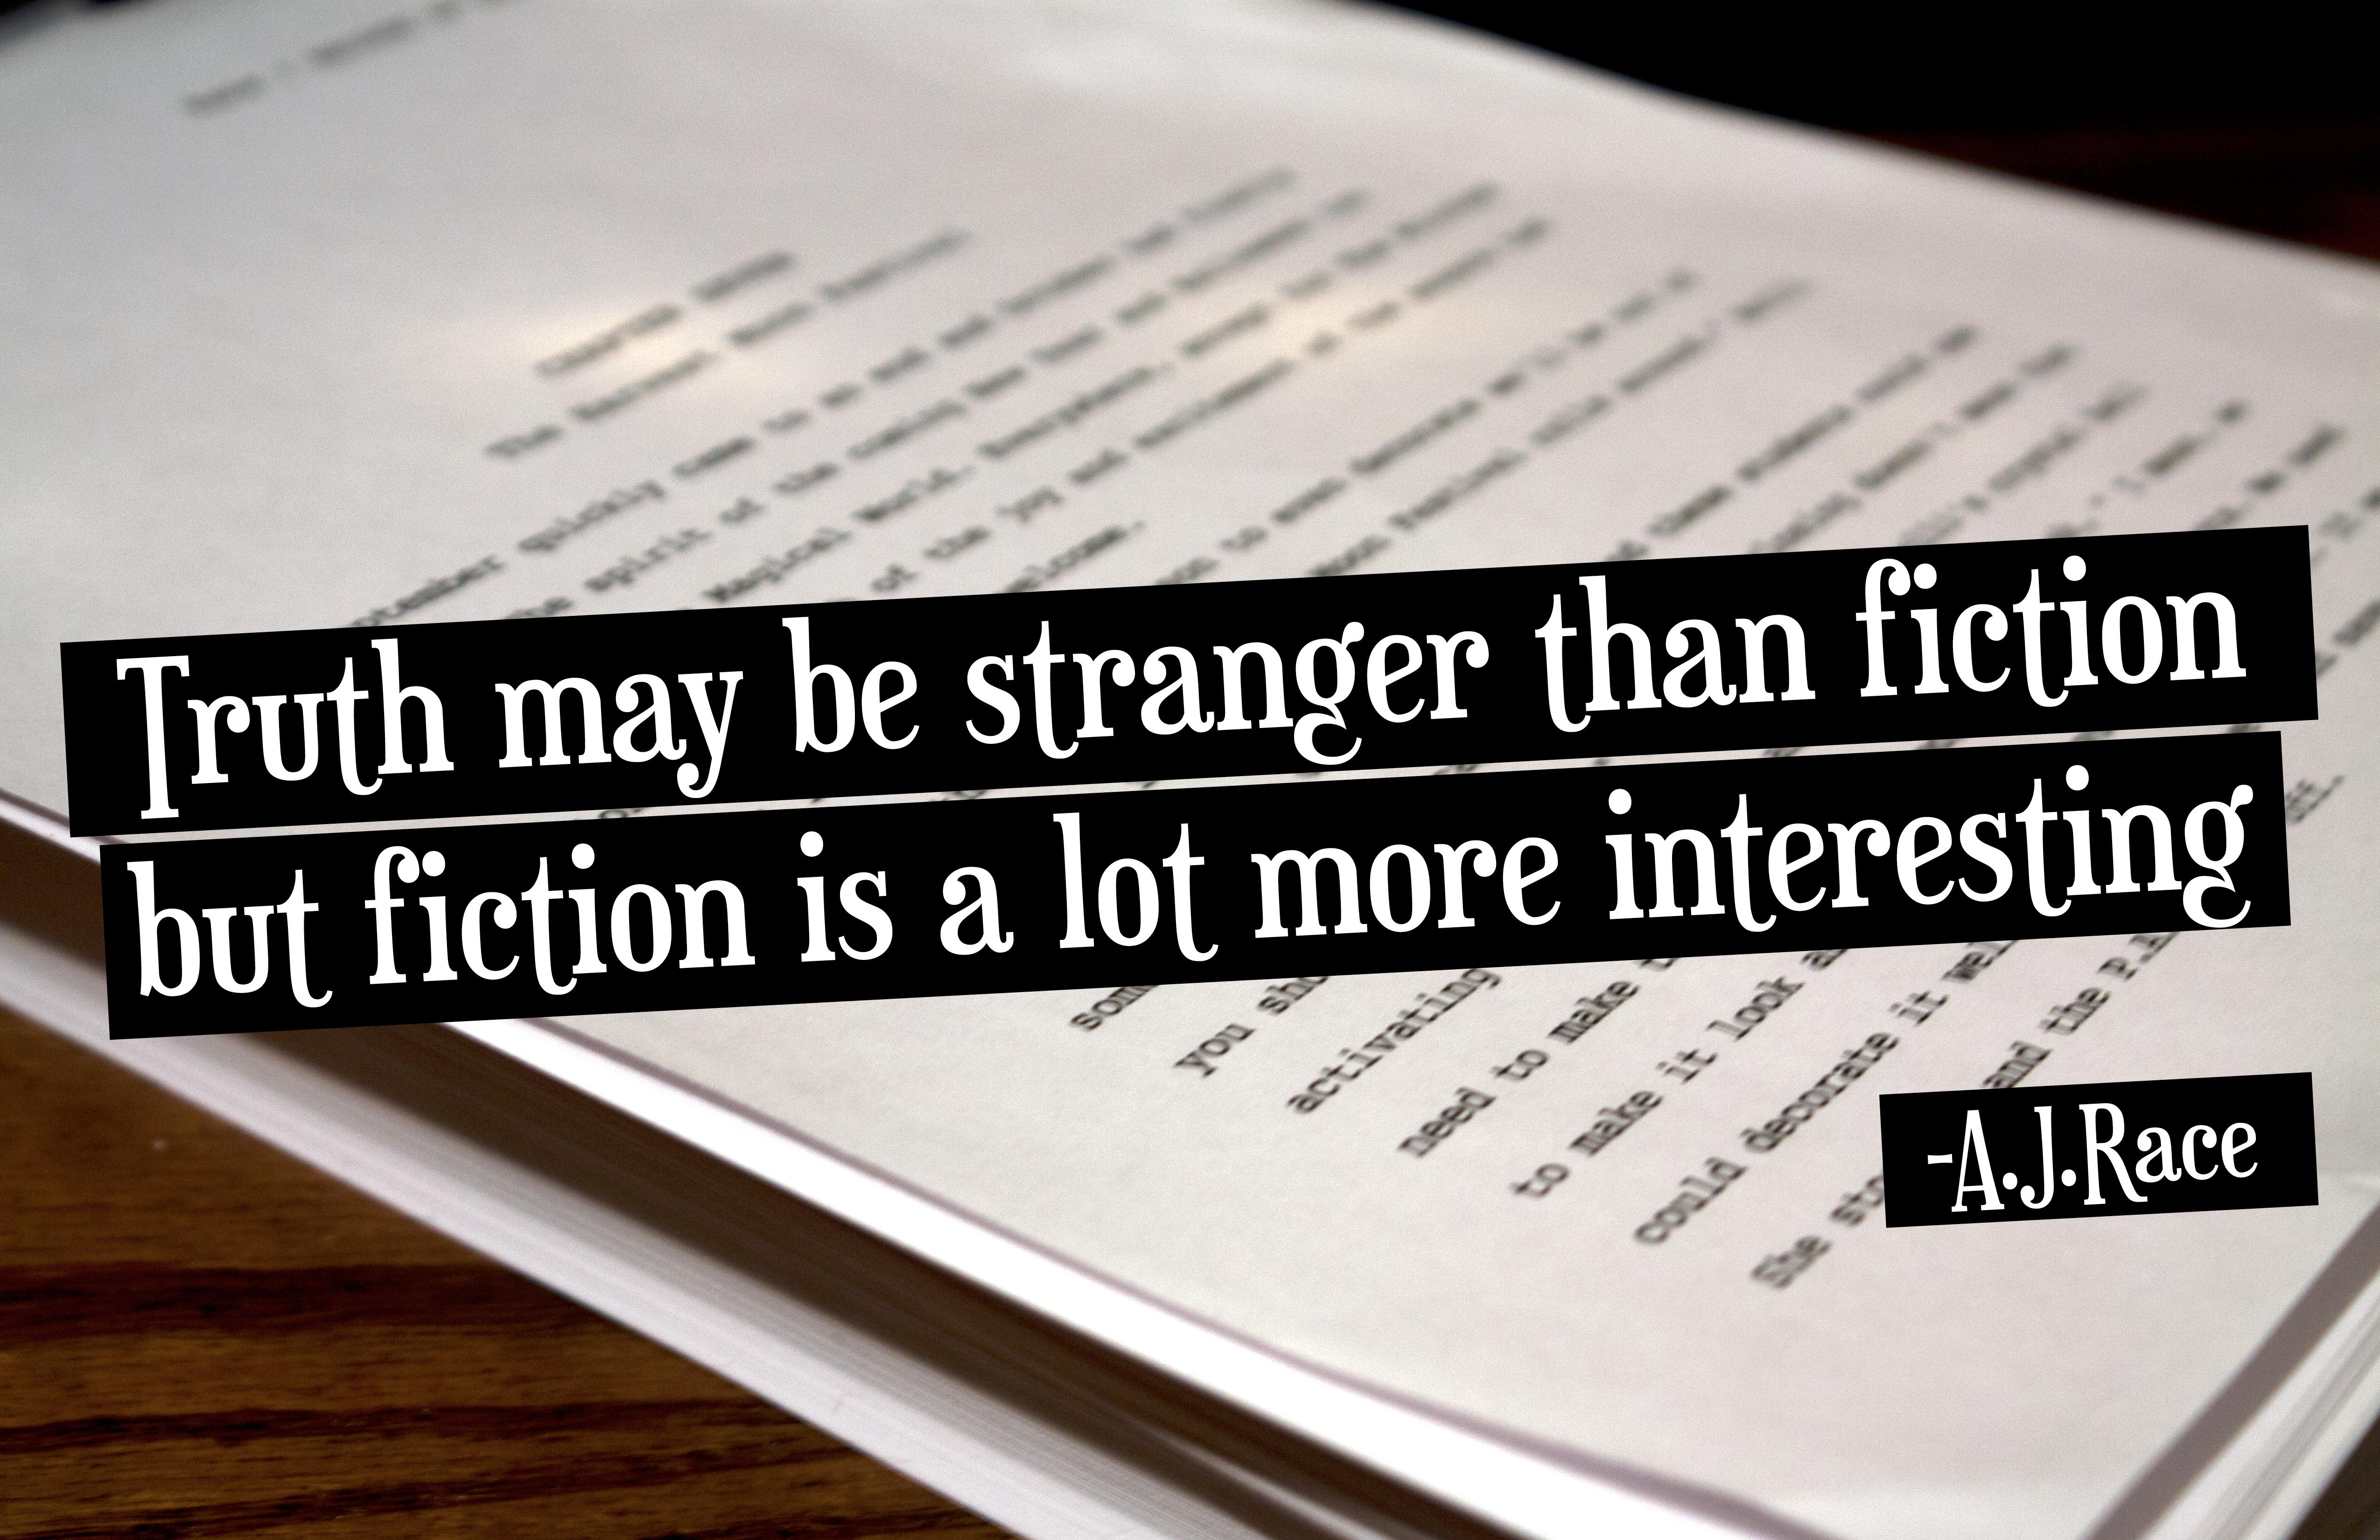 Famous Quotes About 'Non-Fiction'